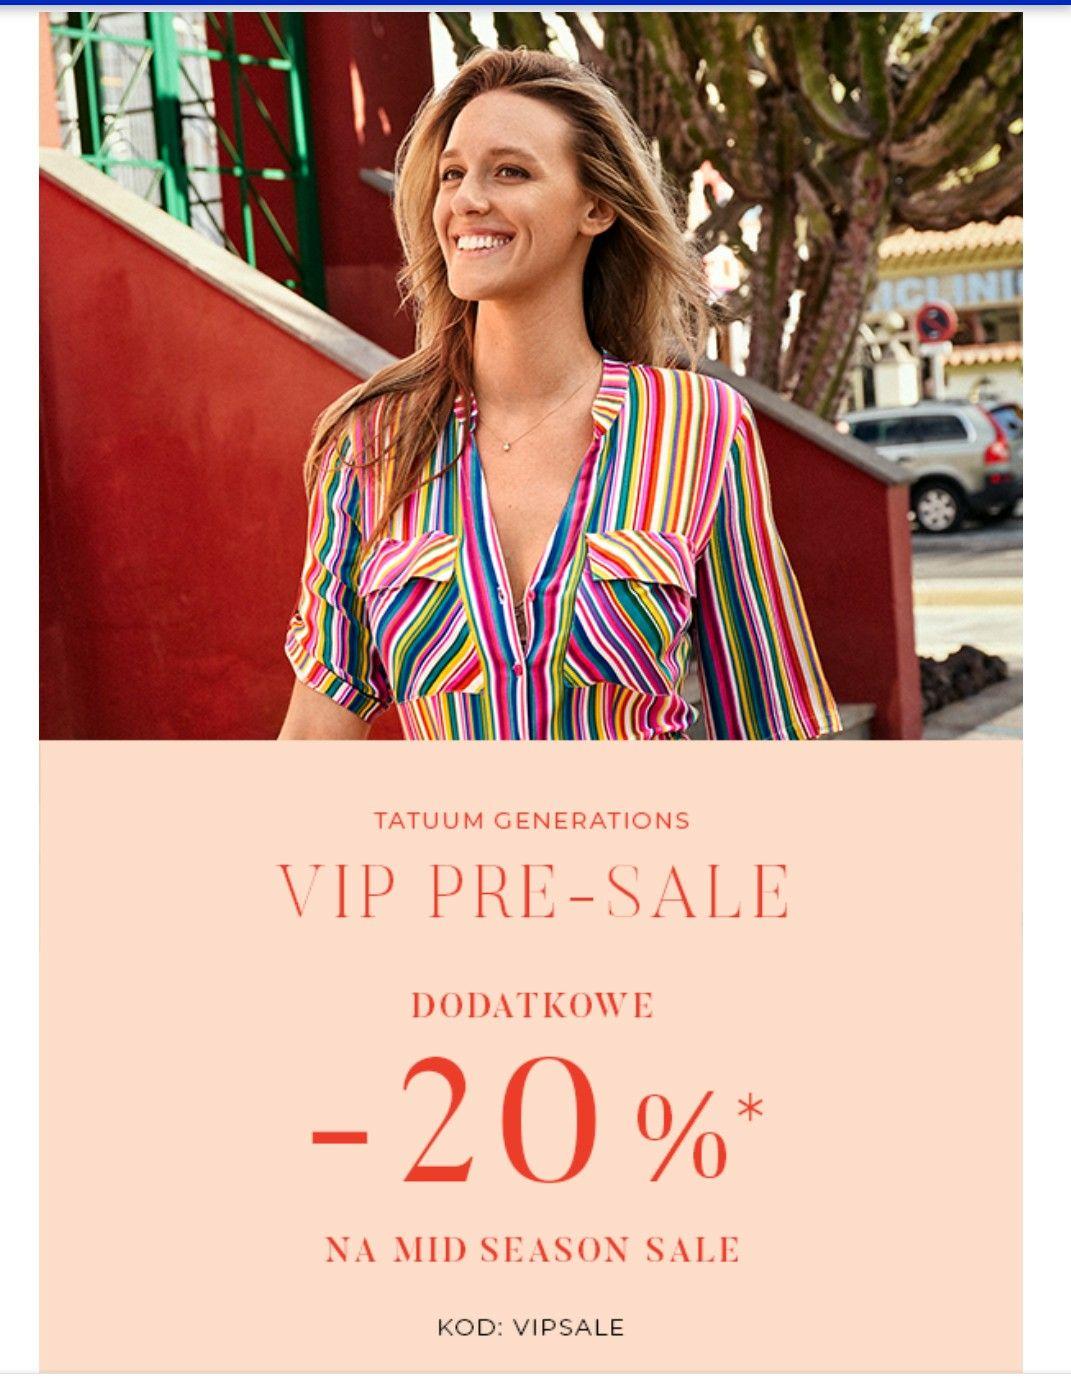 TATUUM dodatkowe -20% na Mid Season Sale! Skorzystaj z ostatnich dni wyprzedaży!